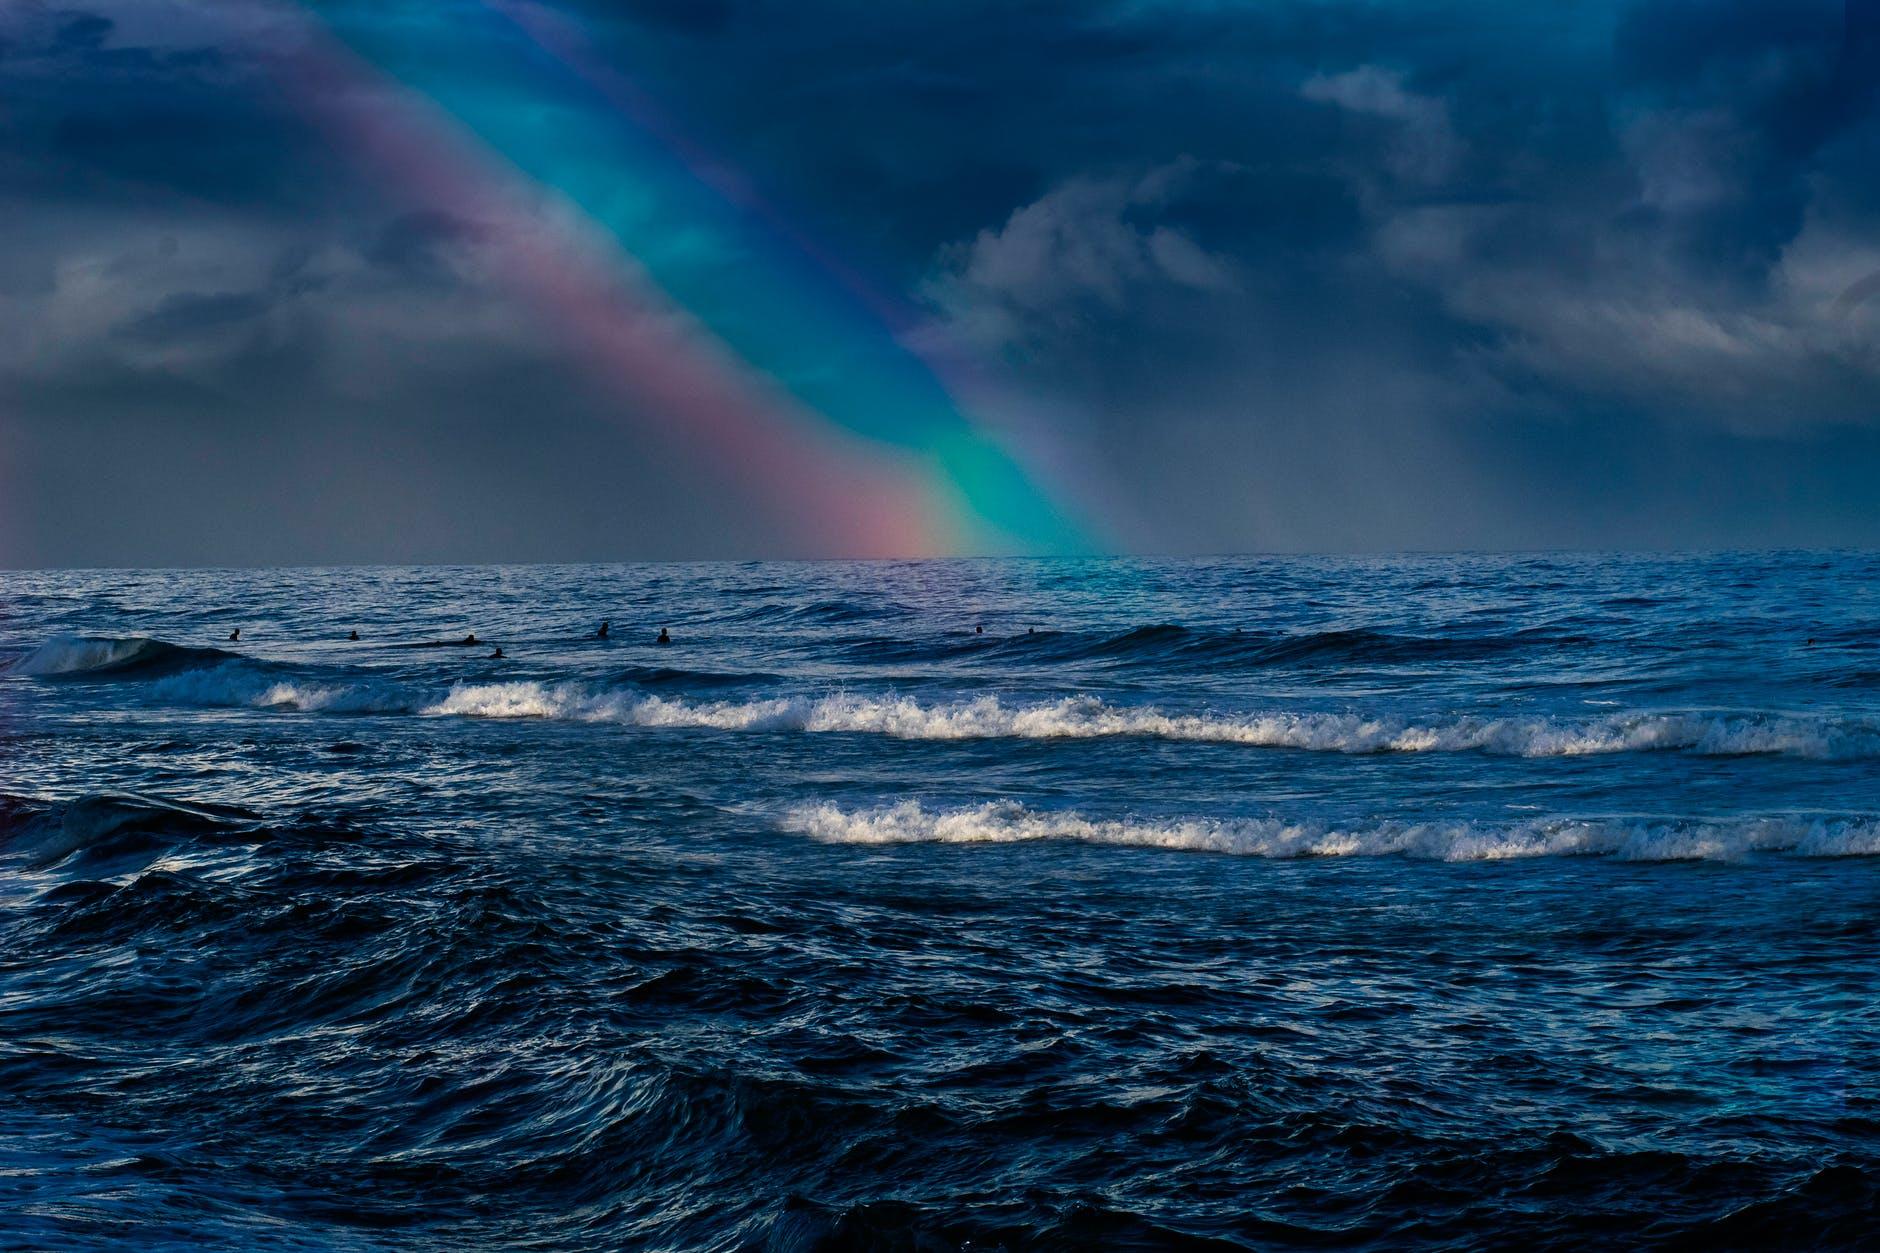 ocean waves under rainbow and cloudy sky